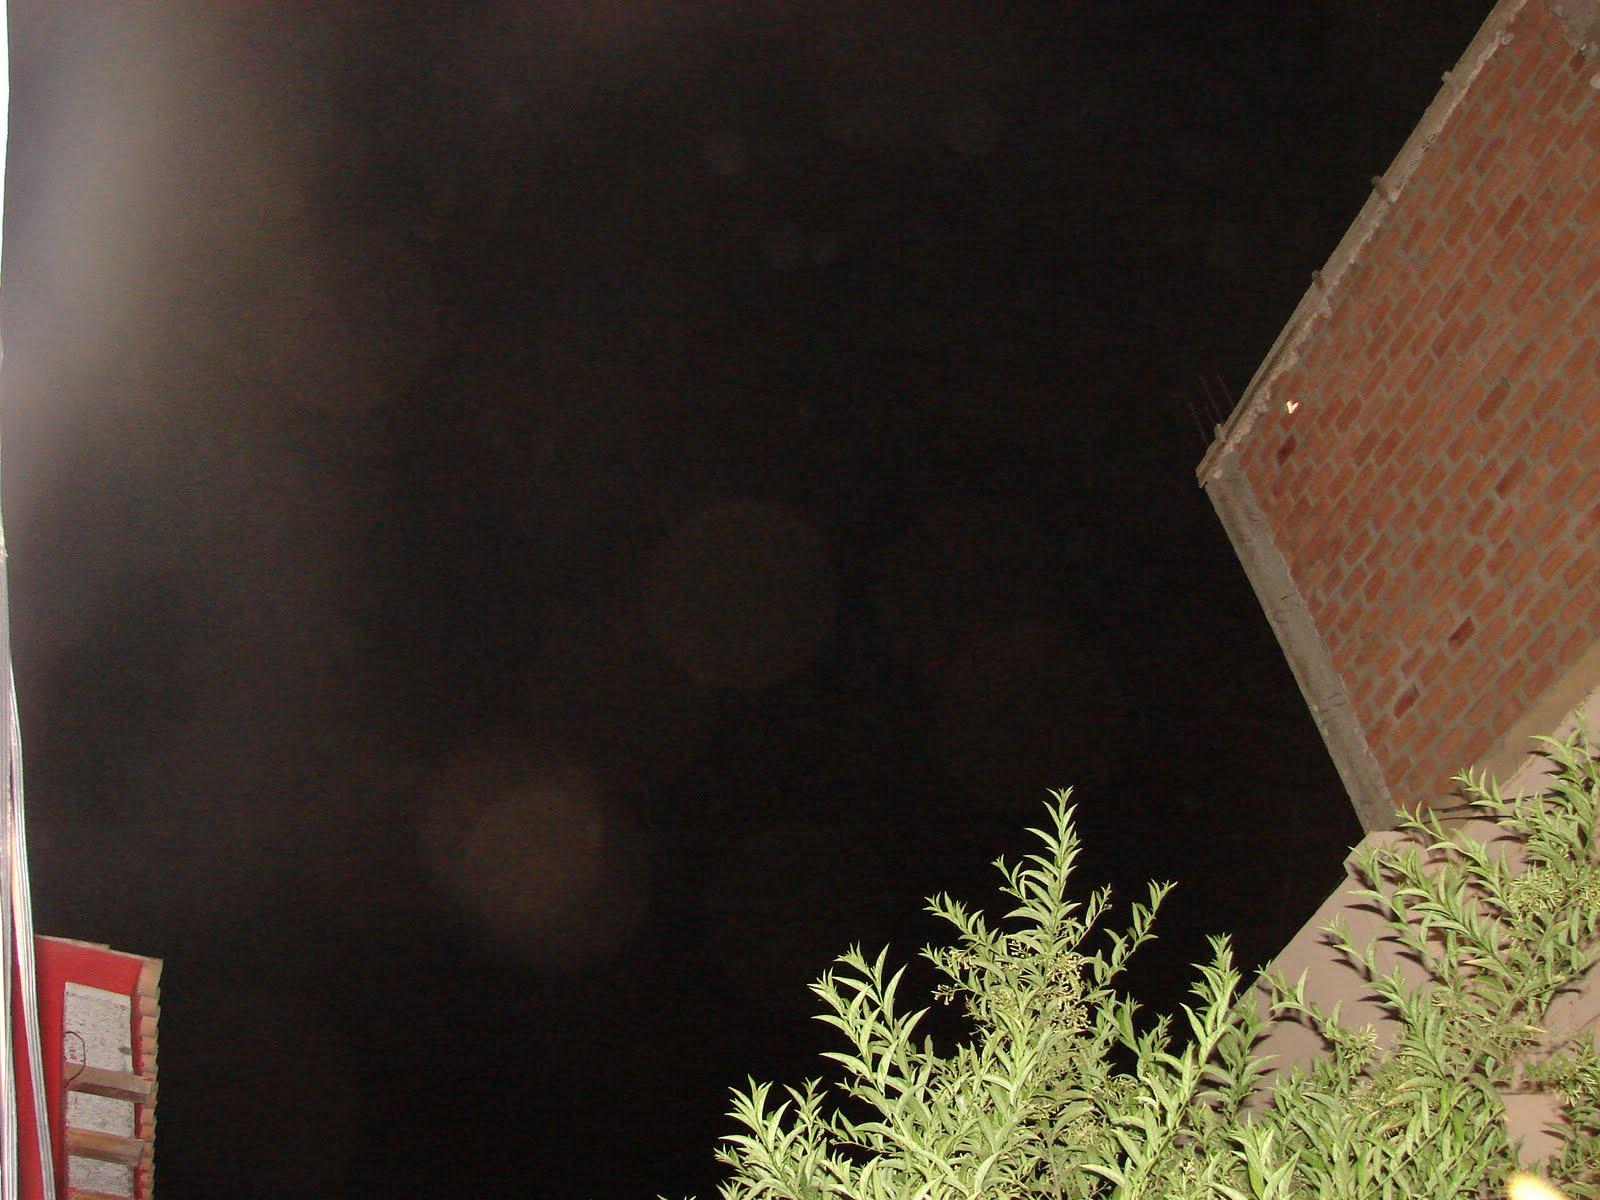 URGENTE-18-marzo-19-20-21-22-23...2011 Ultimos Avistamientos Ovni y mensajes en cielo,rojo,y pared